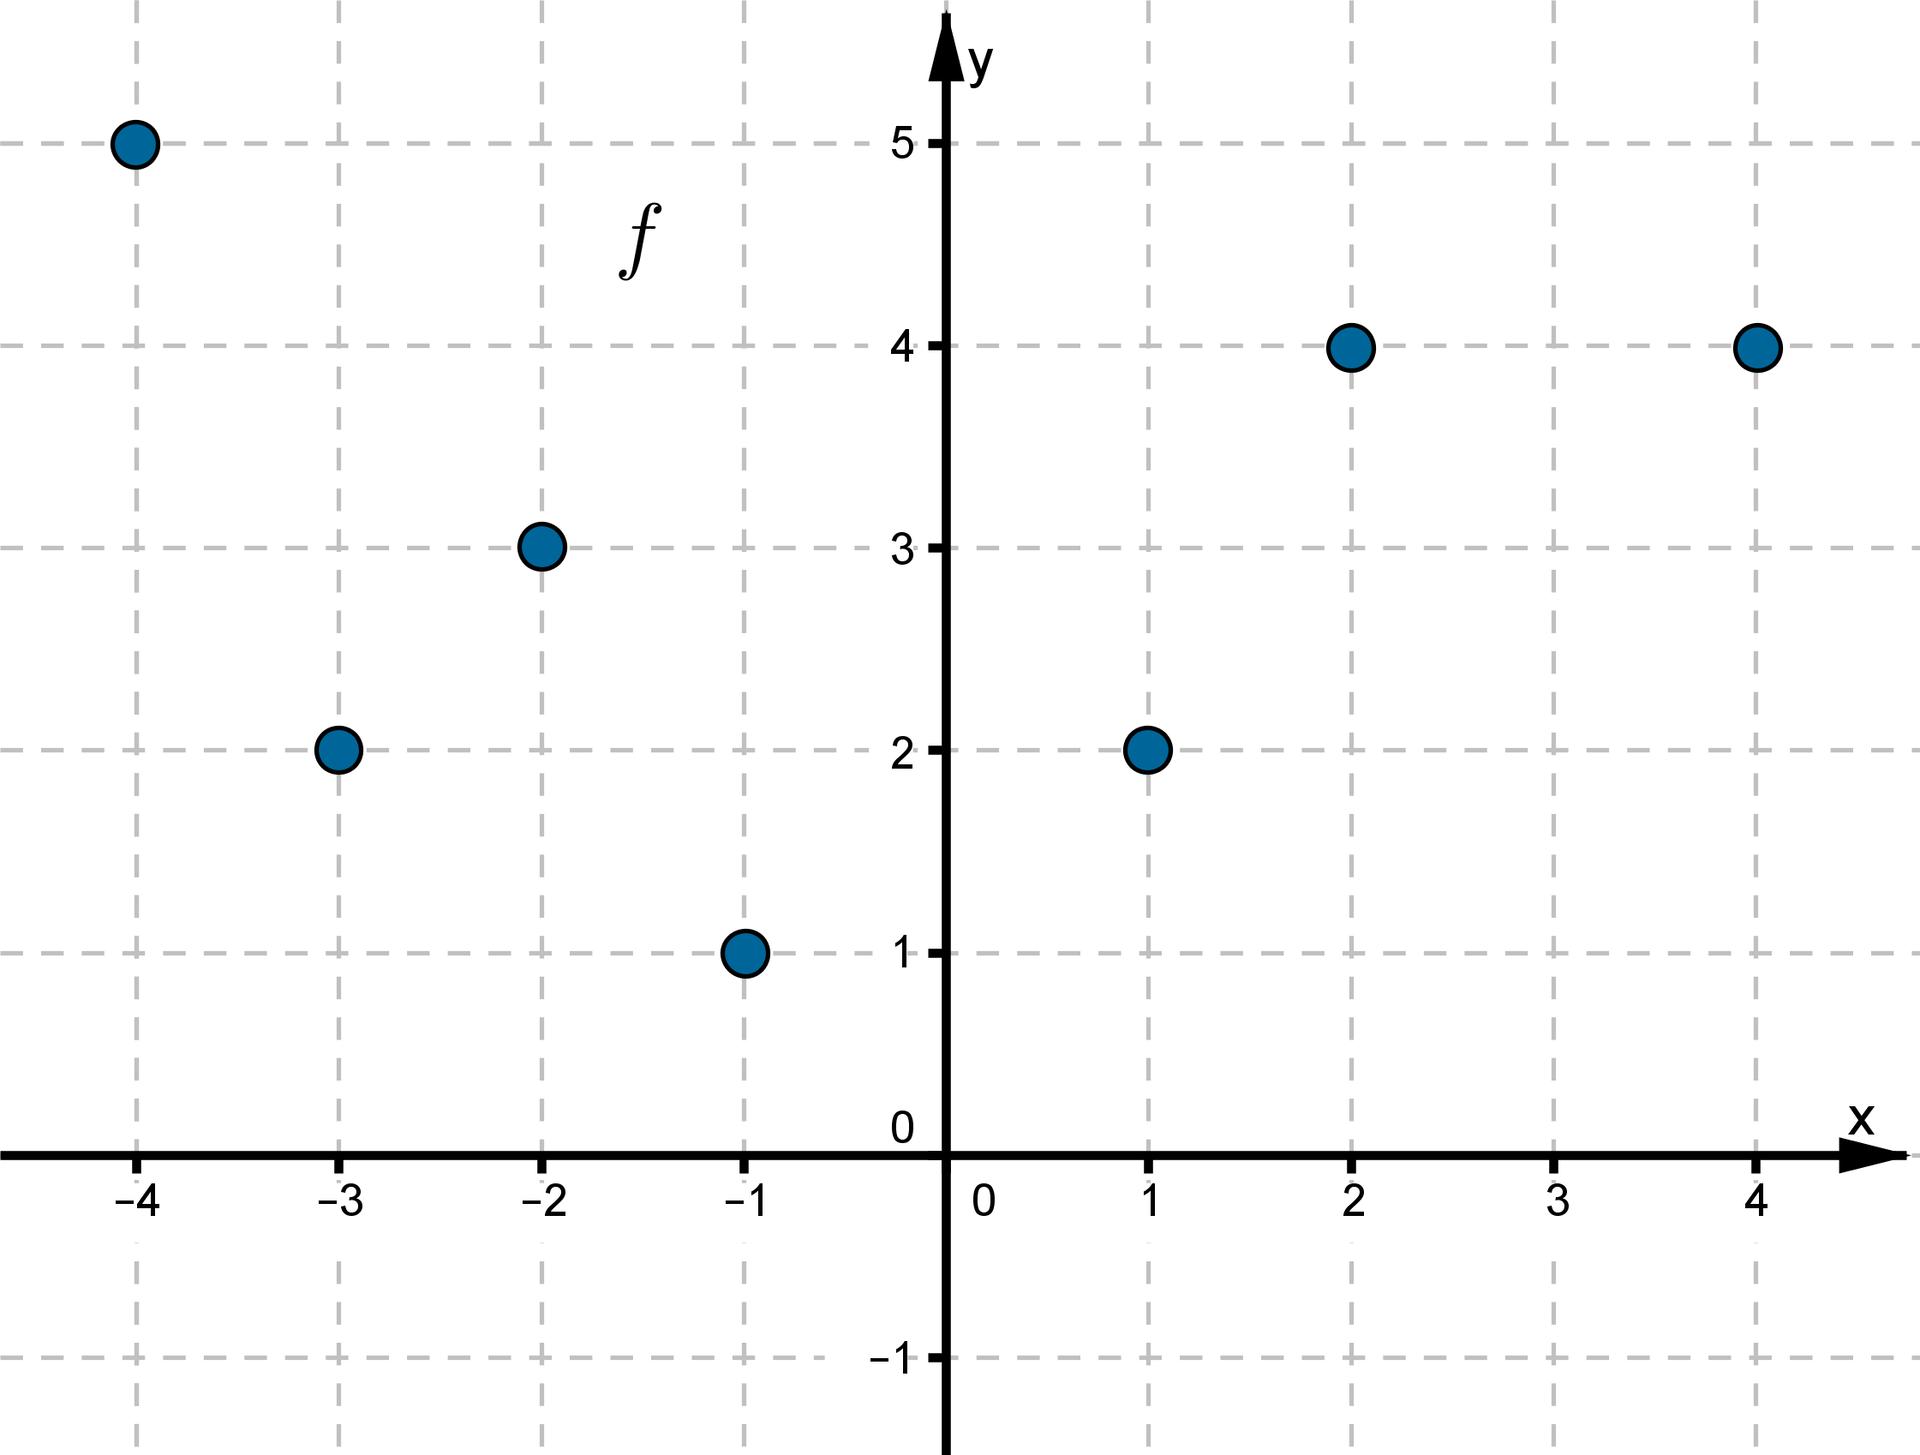 Wykres funkcji składa się zsiedmiu punktów owspółrzędnych (-4, 5), (-3, 2), (-2, 3), (-1, 1), (1, 2), (2, 4), (4, 4).